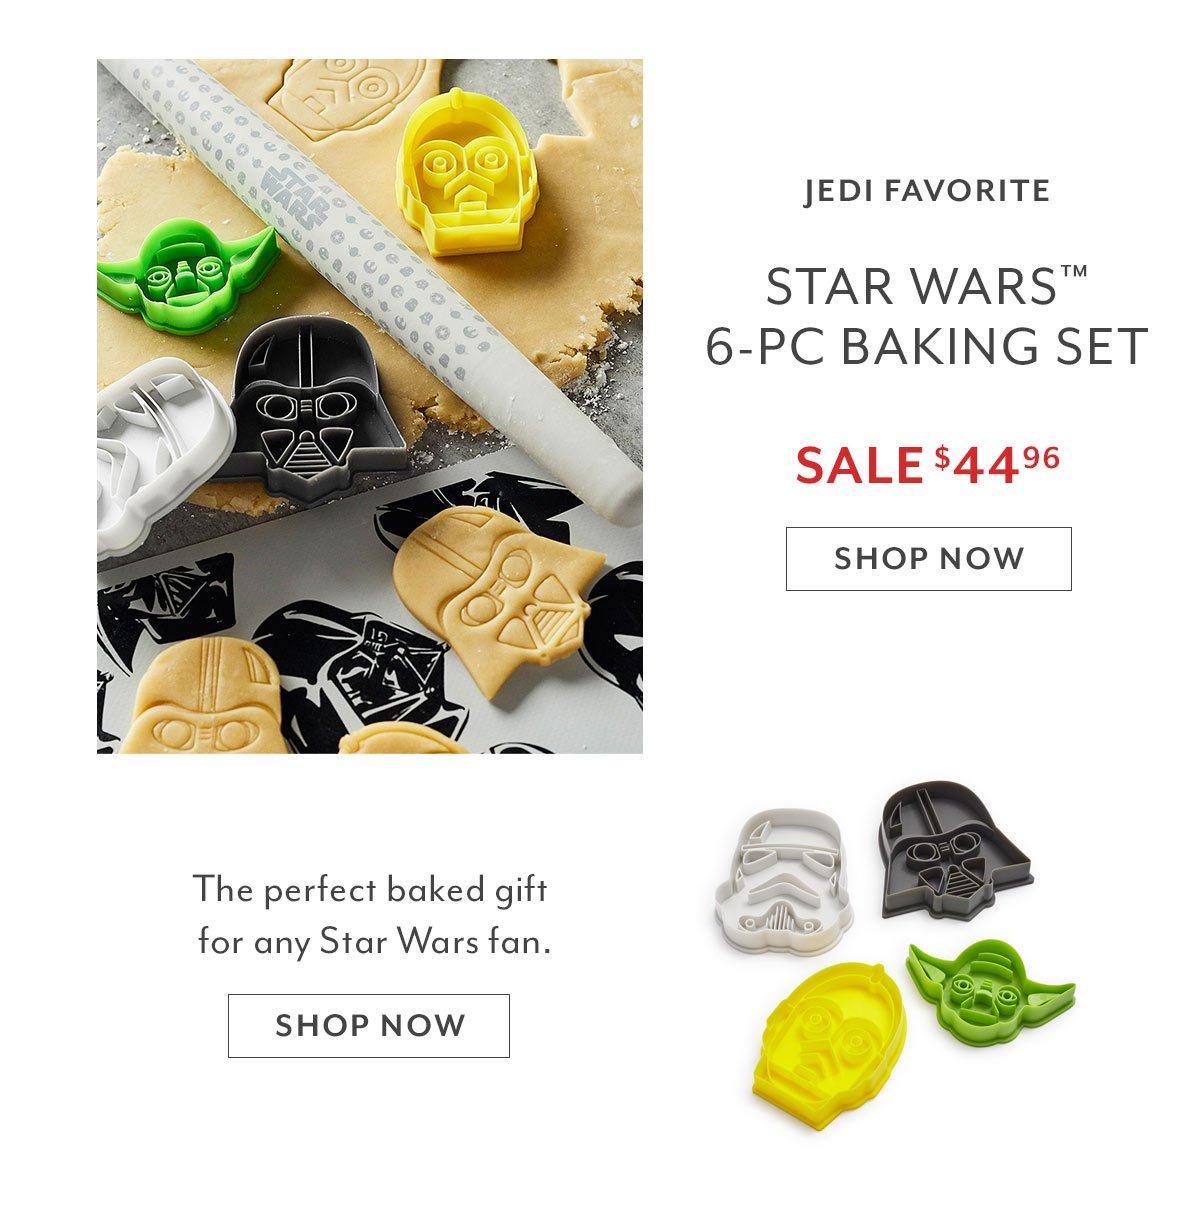 Star Wars™ 6-PC Baking Set